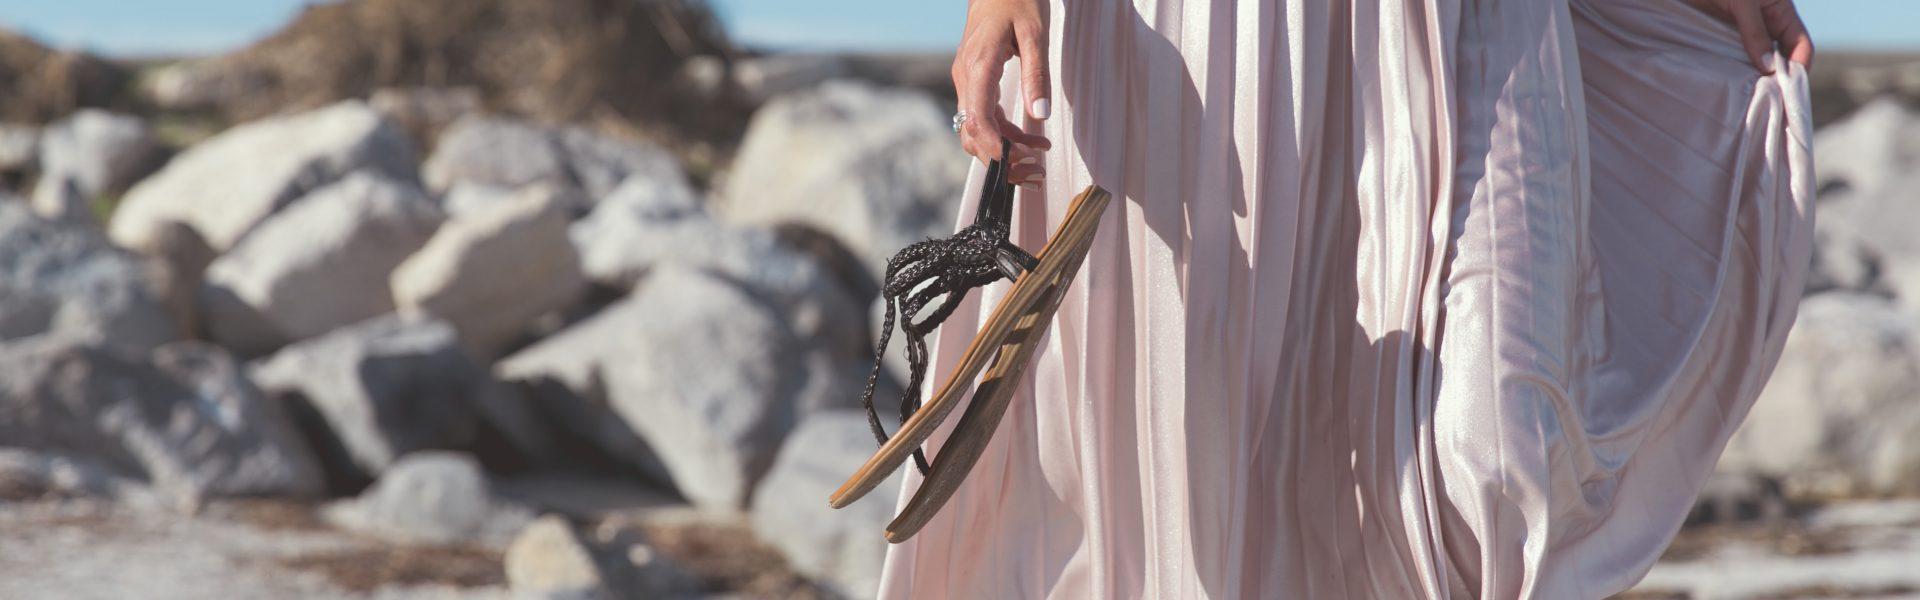 Klapki czy sandały